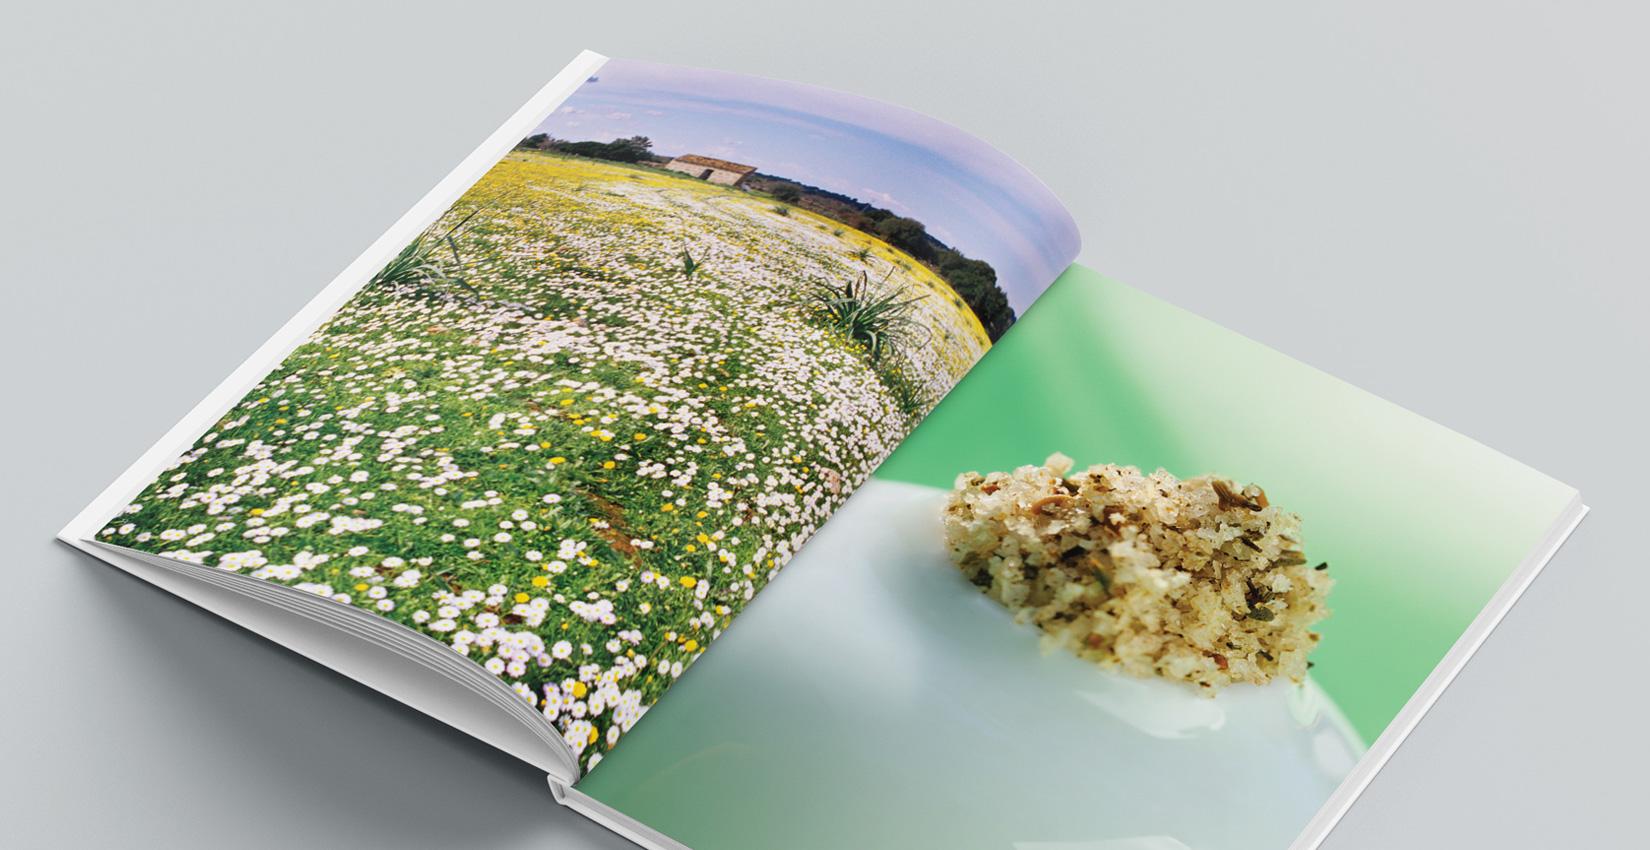 design barcelona mallorca valencia book german englisch spanish art director